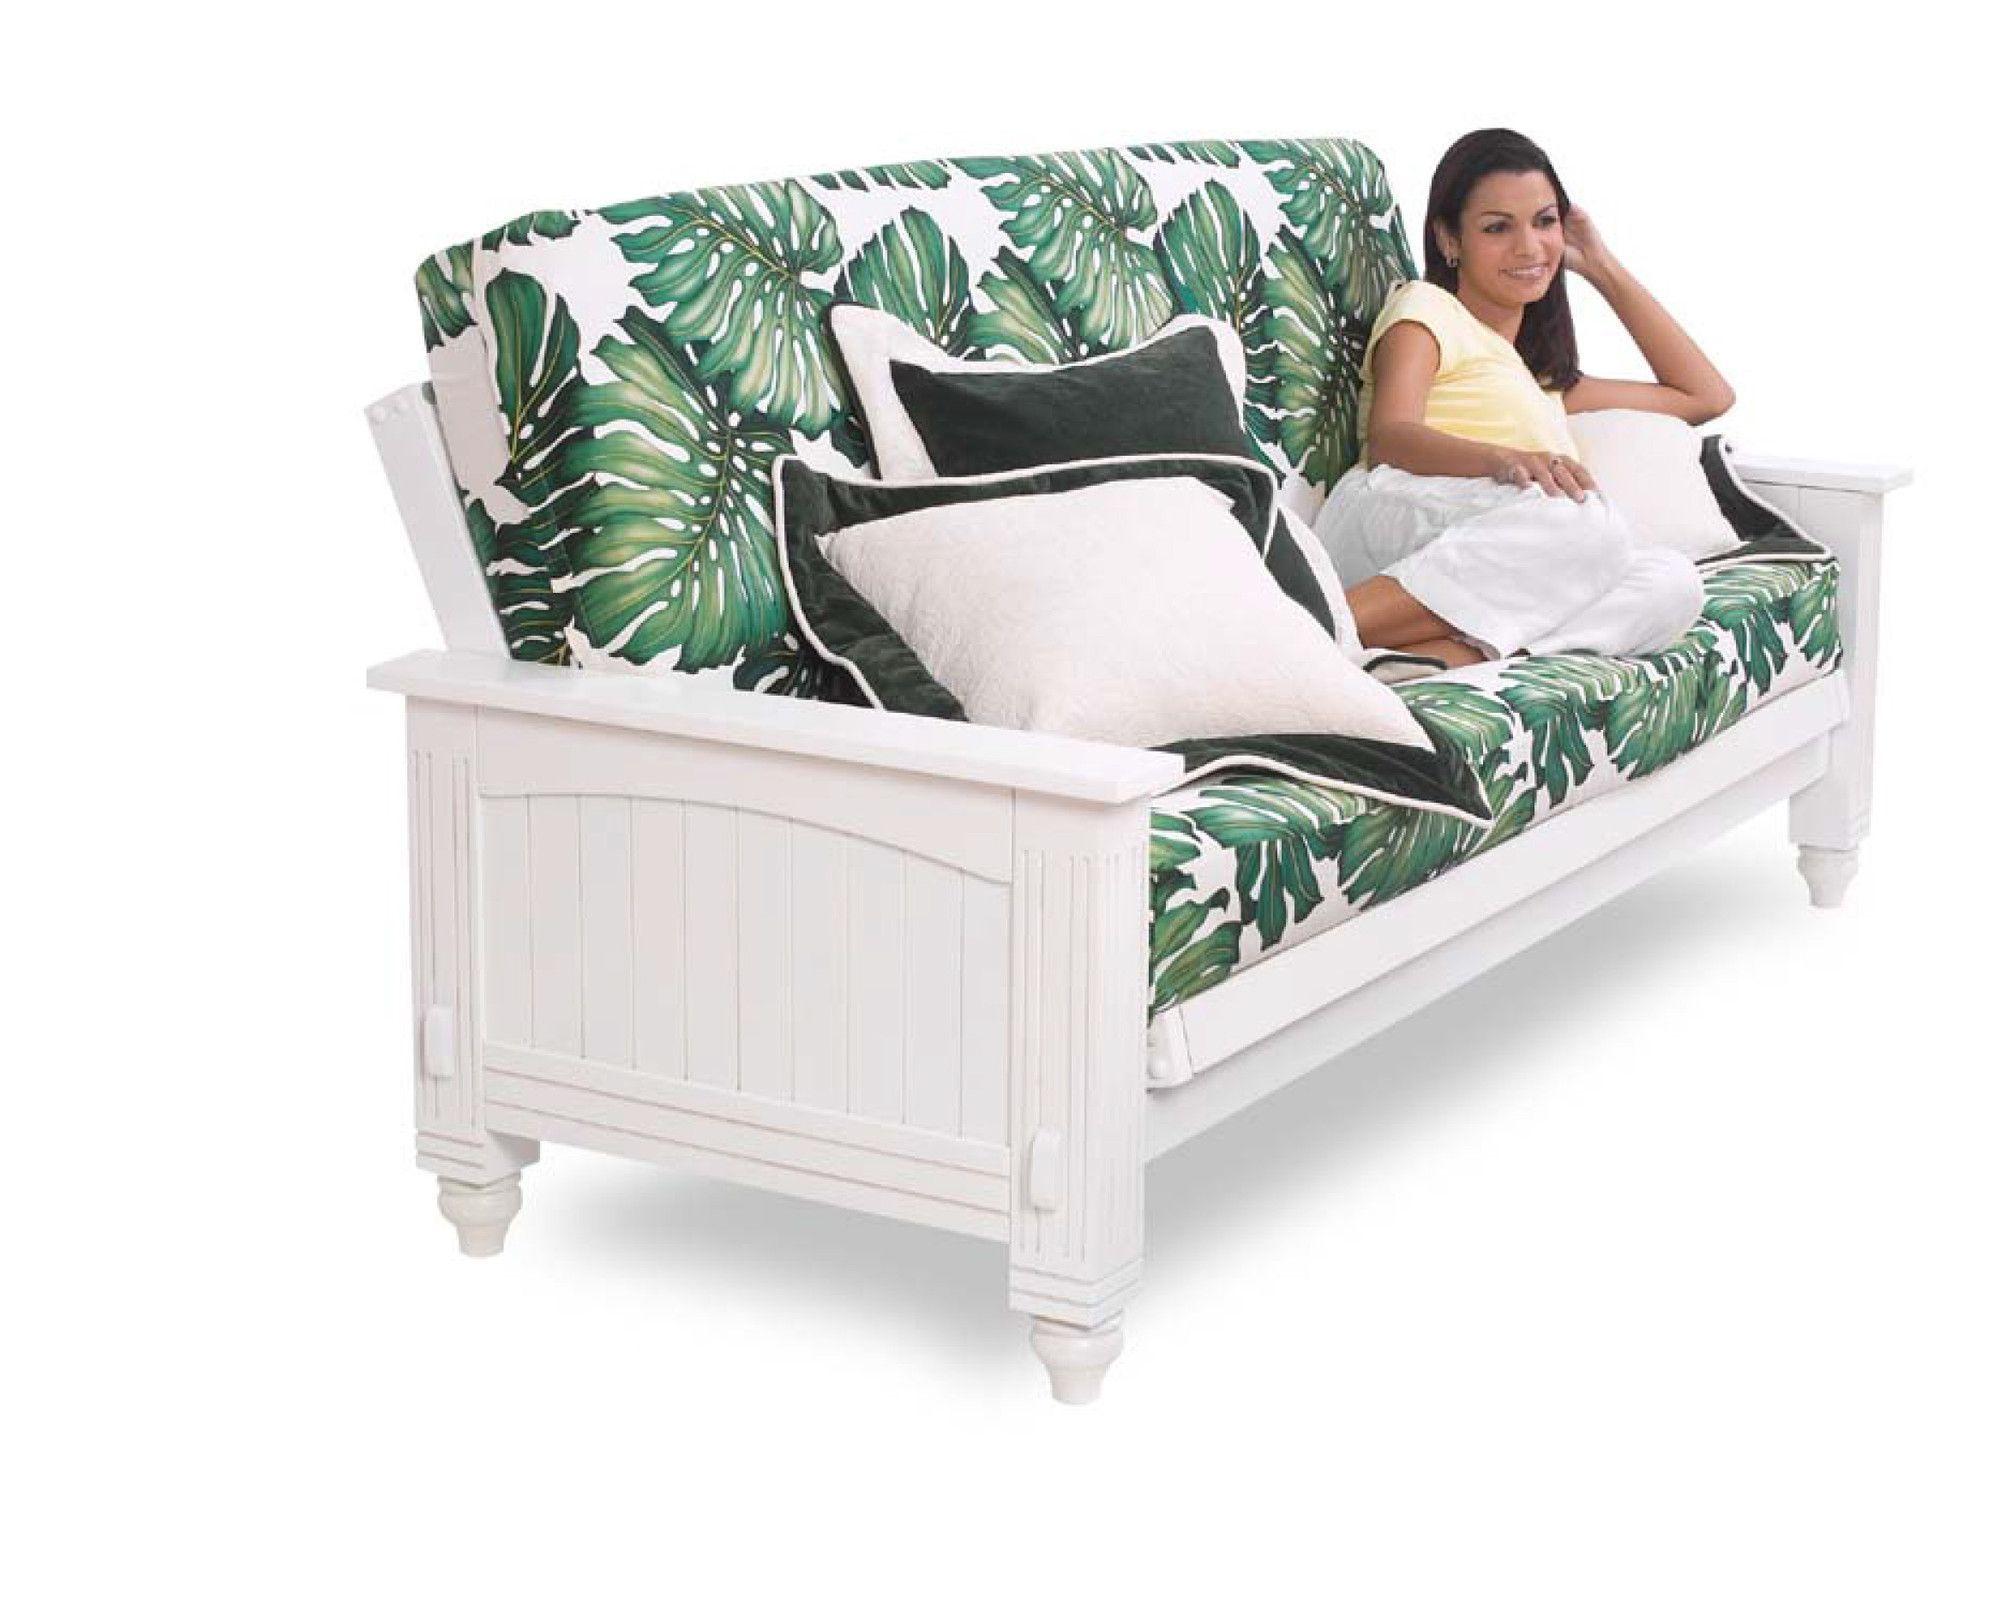 Cottage Futon Frame White futon, Futon frame, Futon bed